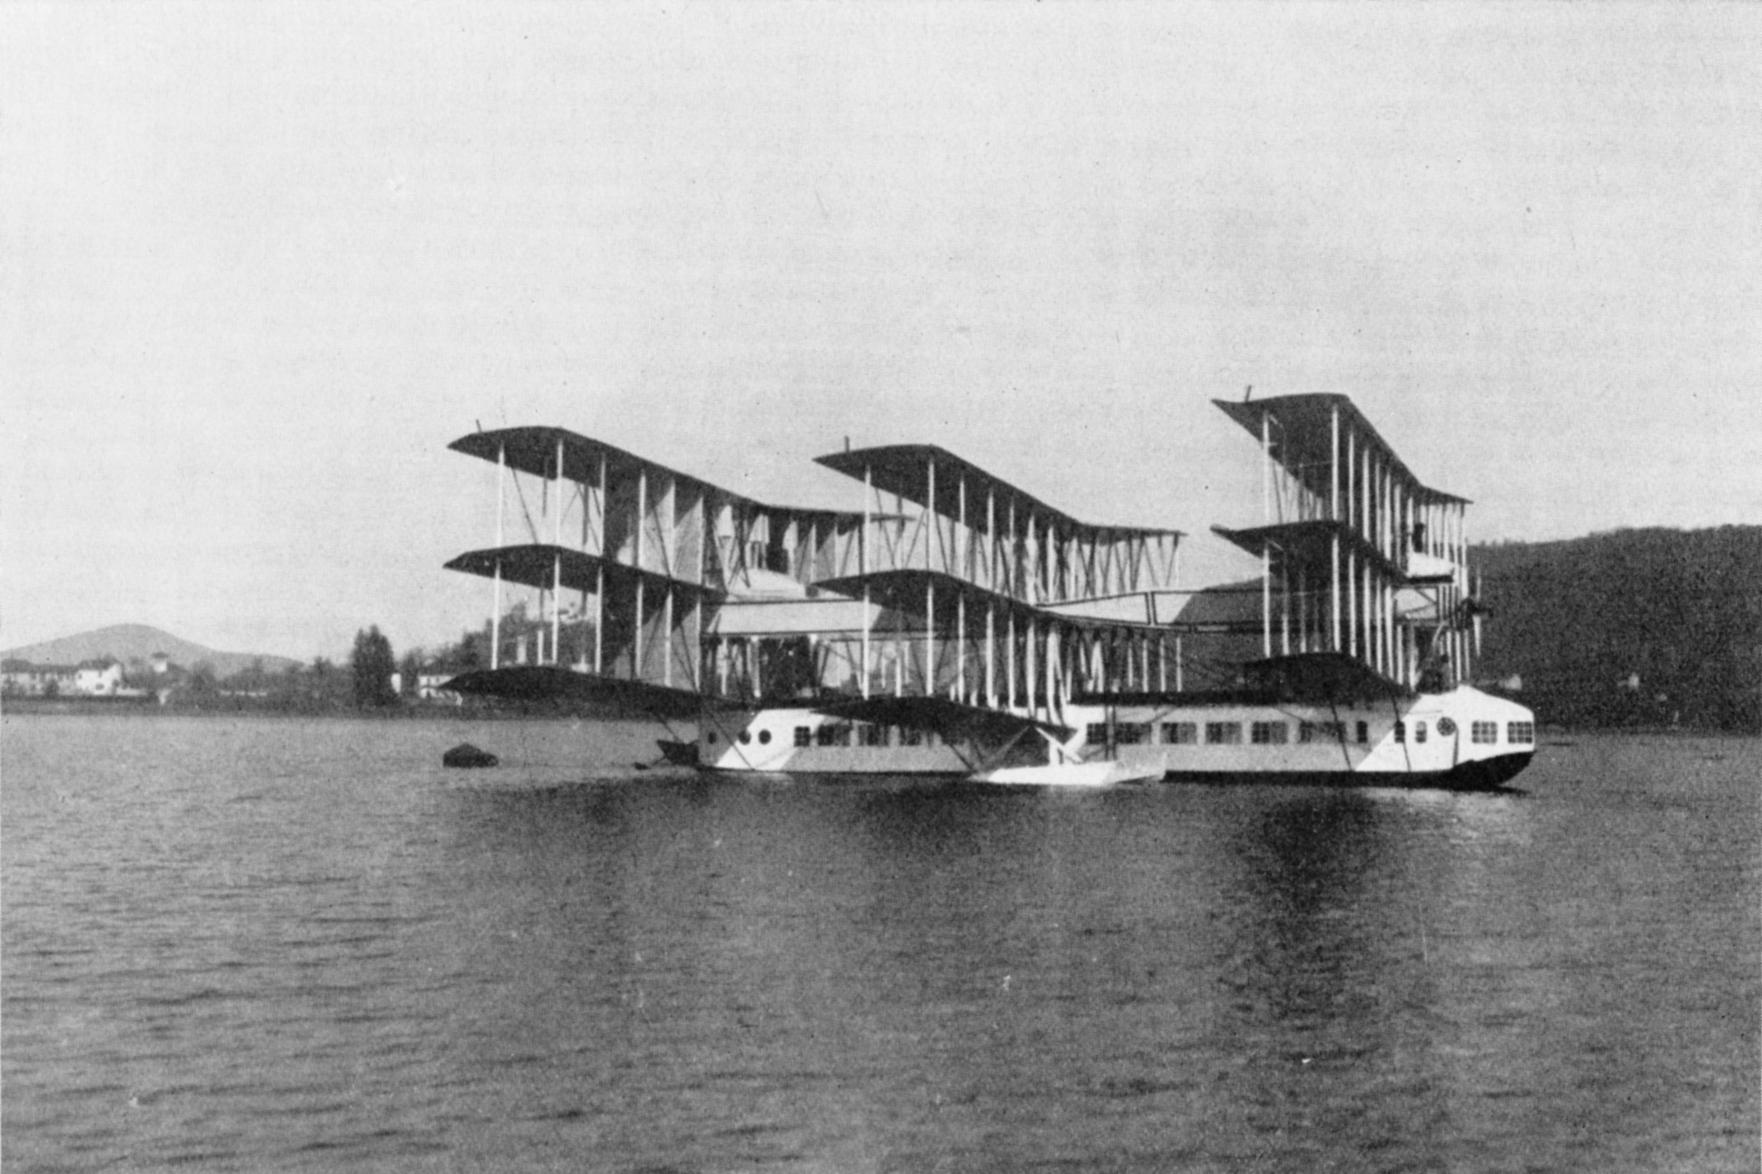 The_Caproni_Ca.60_on_Lake_Maggiore,_1921